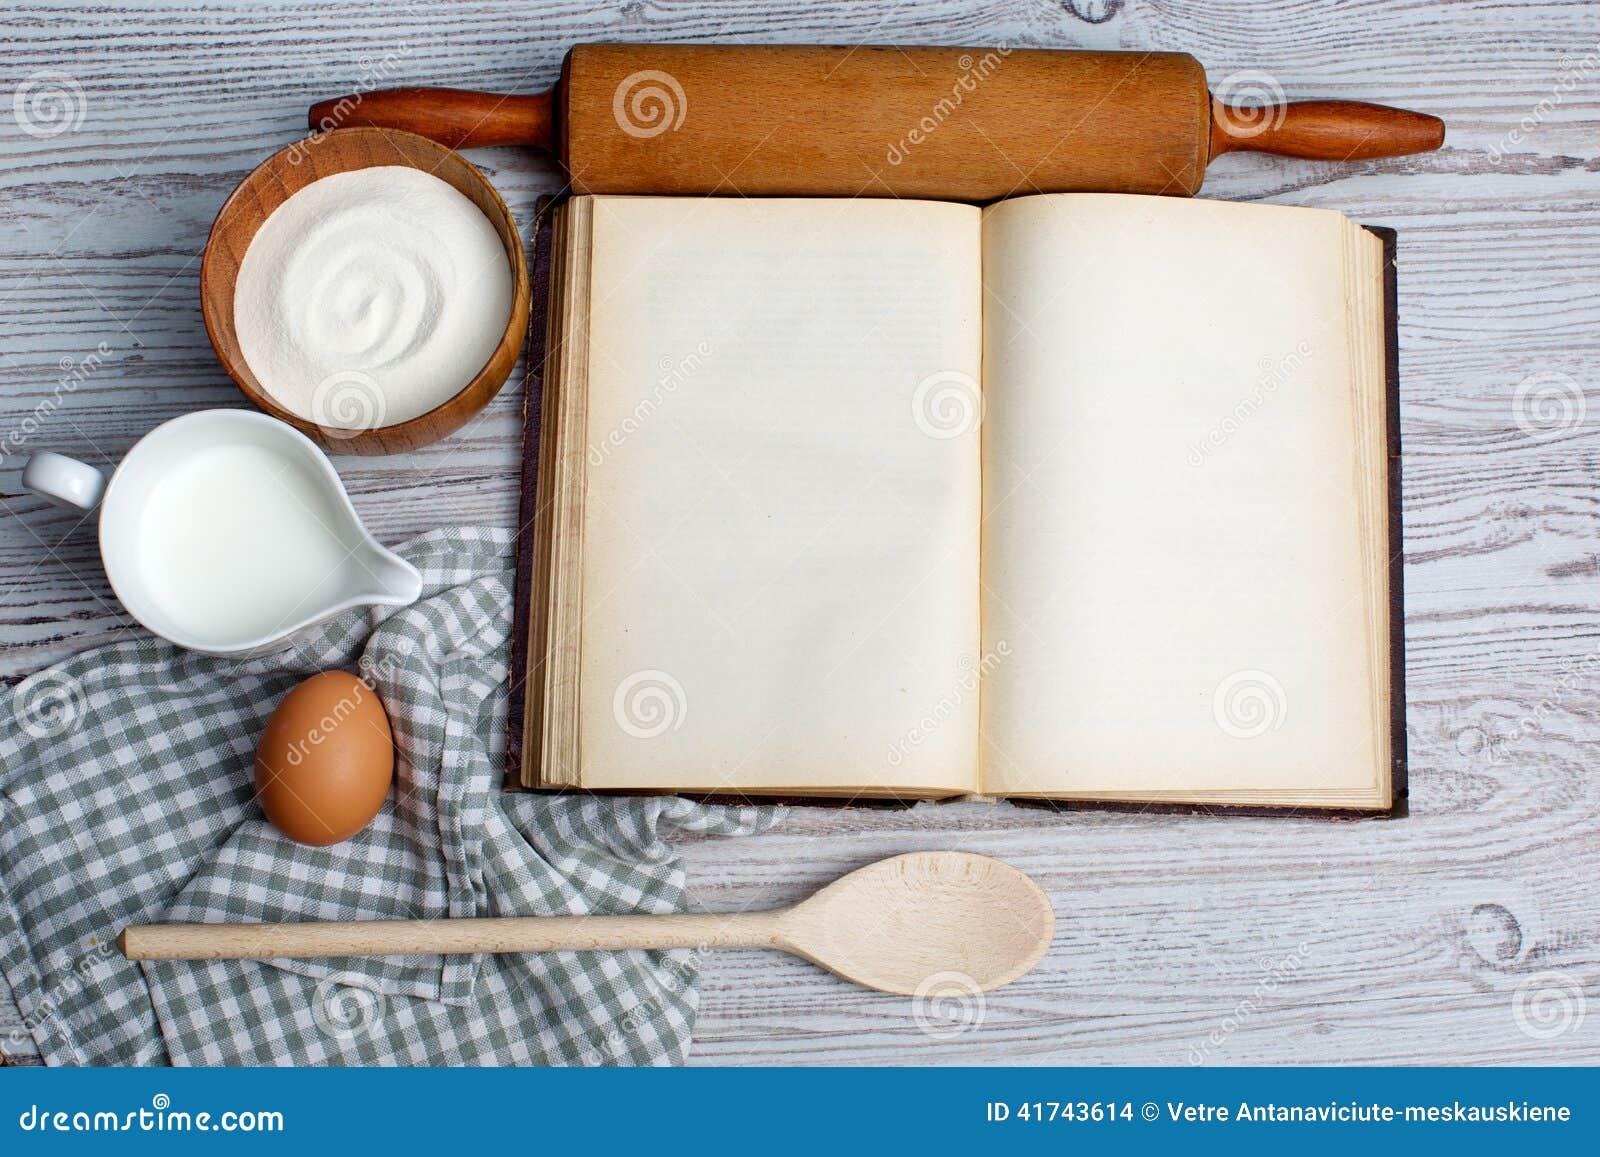 Ingredienti e strumenti della cucina con il vecchio blan for Strumenti di cucina